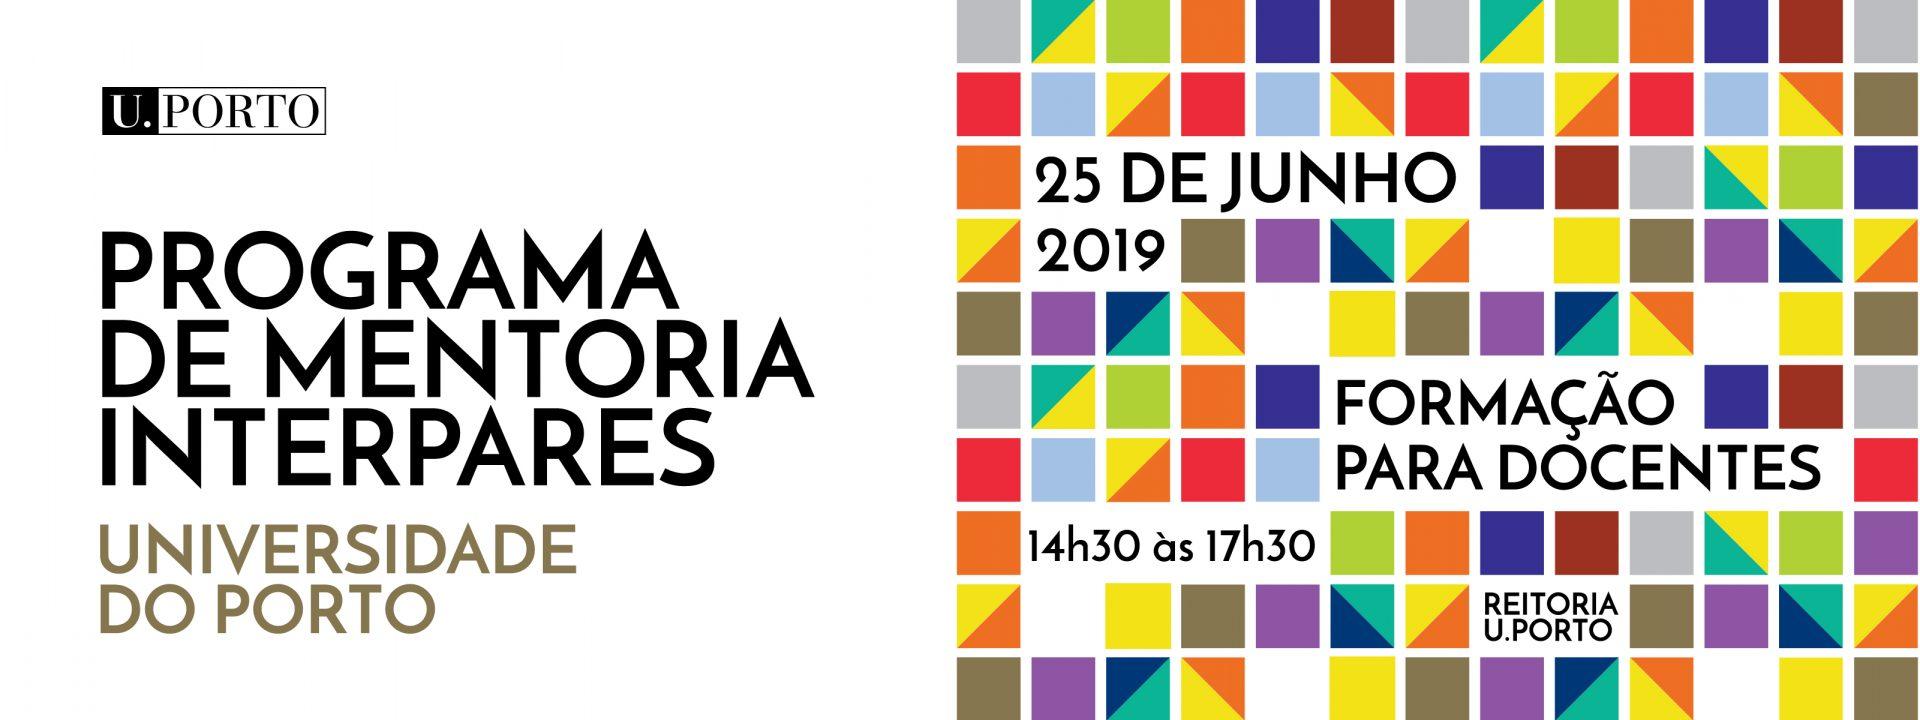 PROGRAMA DE MENTORIA INTERPARES DA U. PORTO – 25 junho 2019